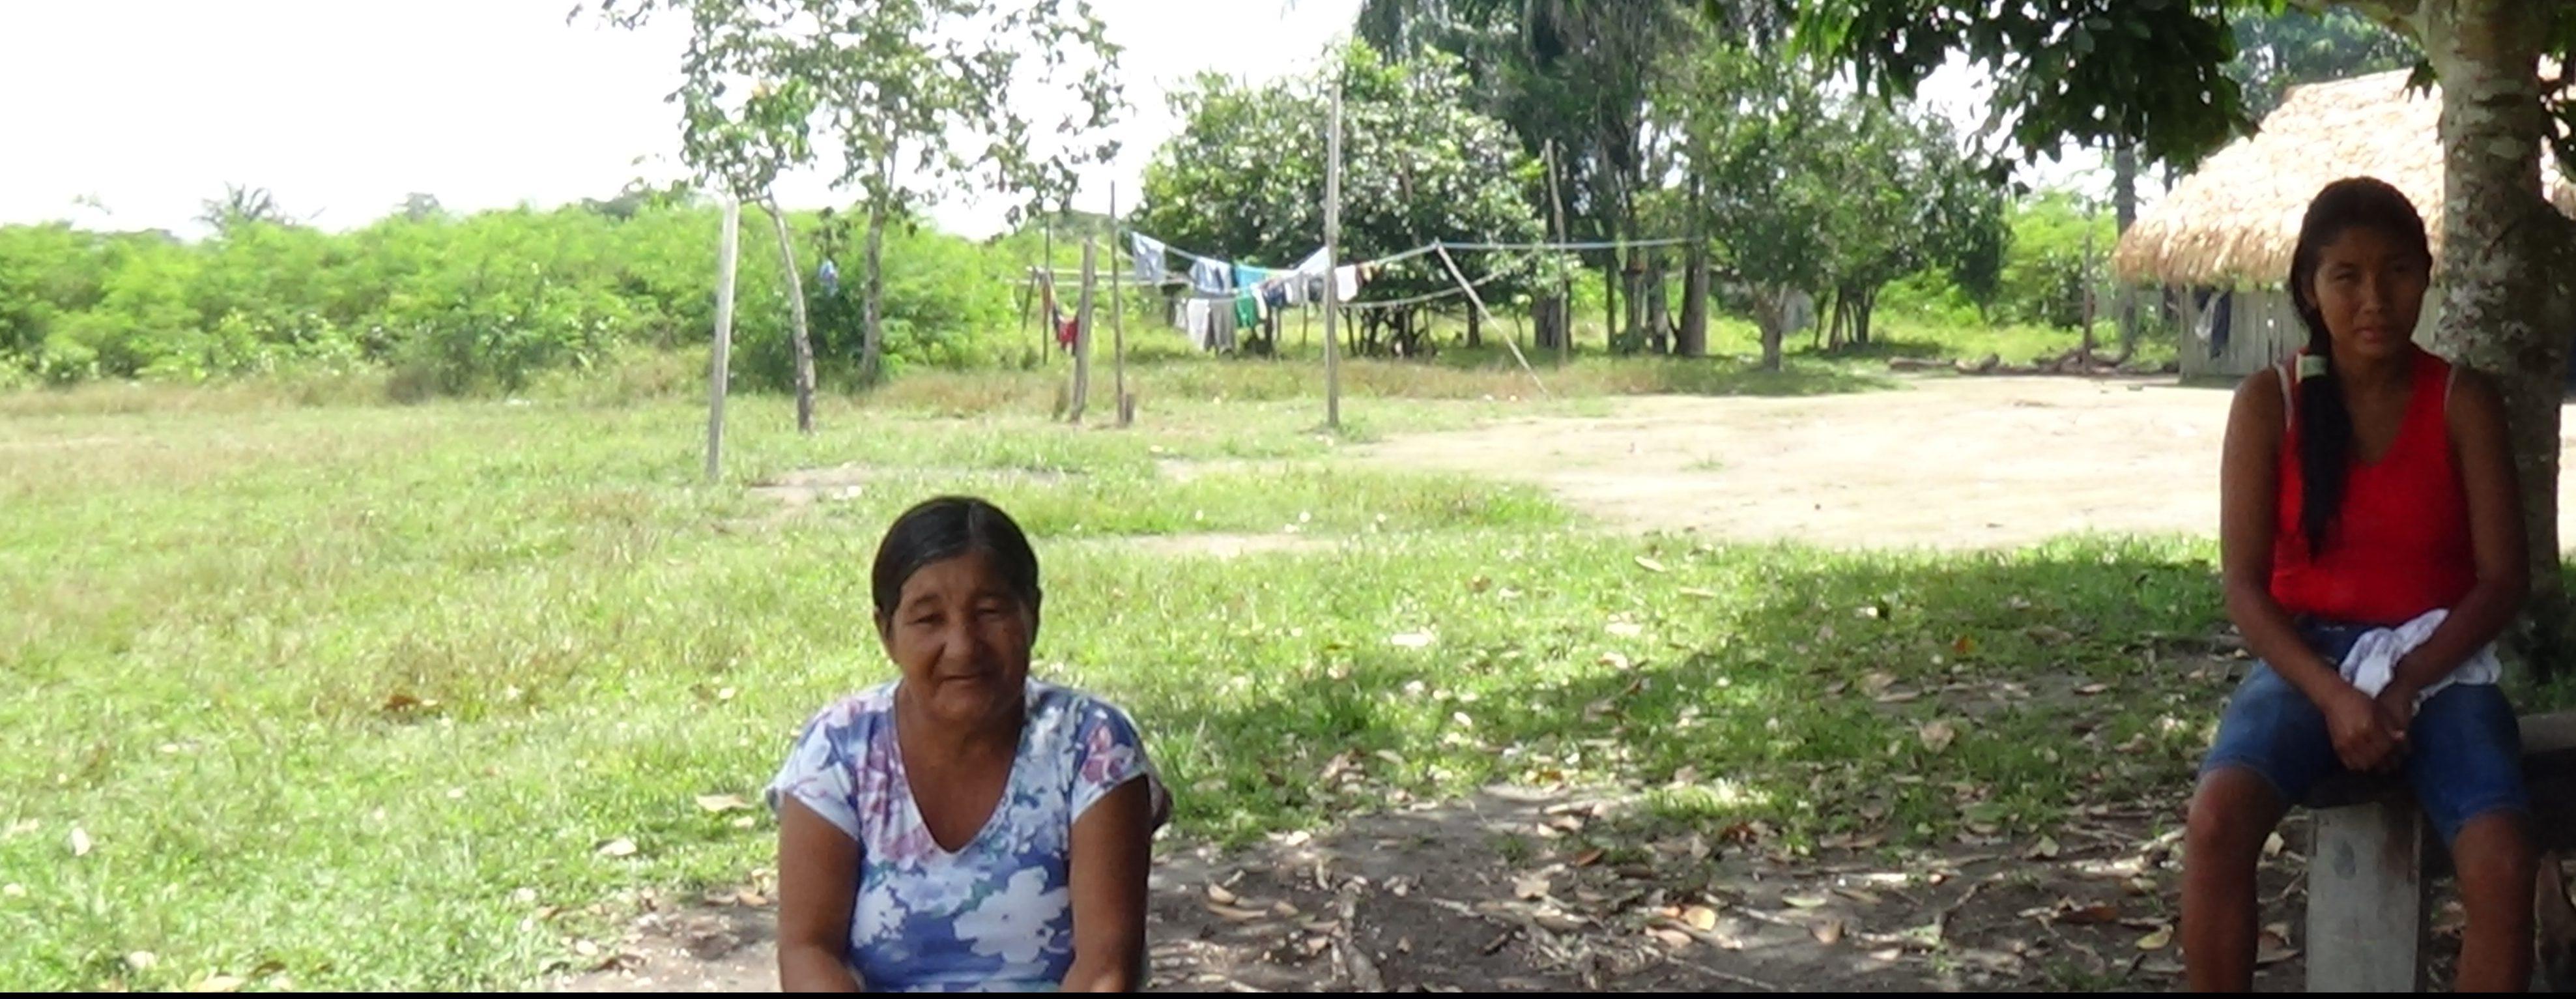 O que restará de valores ancestrais às próximas gerações, indaga Valmira Kirixi Munduruku